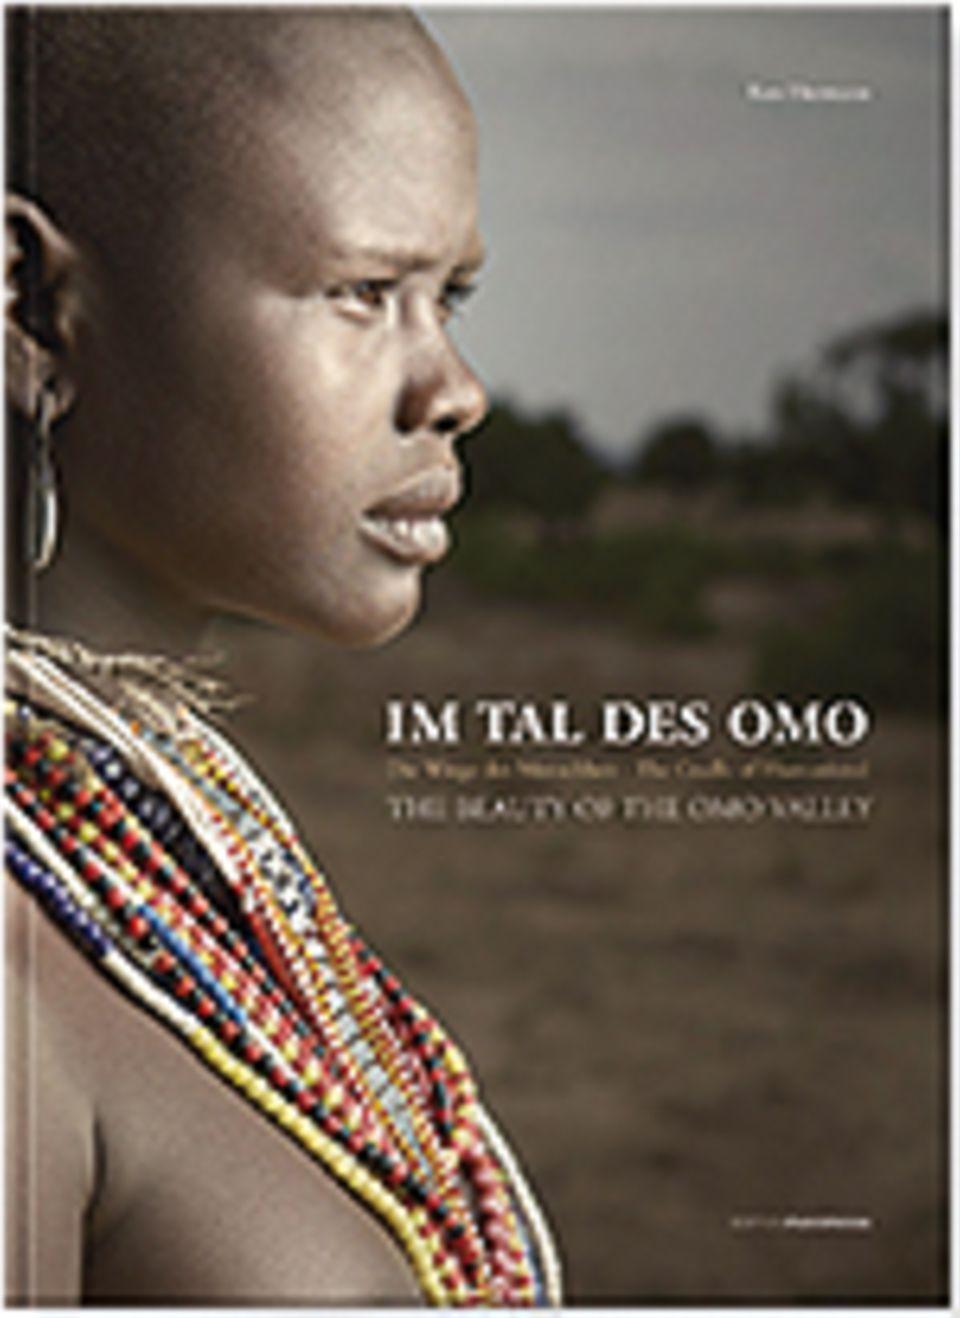 Äthiopien: Im Tal des Omo, Suzette Frovin und Ken Hermann, 256 Seiten mit über 140 Fotografien in Farbe, Texte auf Deutsch und Englisch, 45 Euro, erschienen bei EditionPanorama, 2014